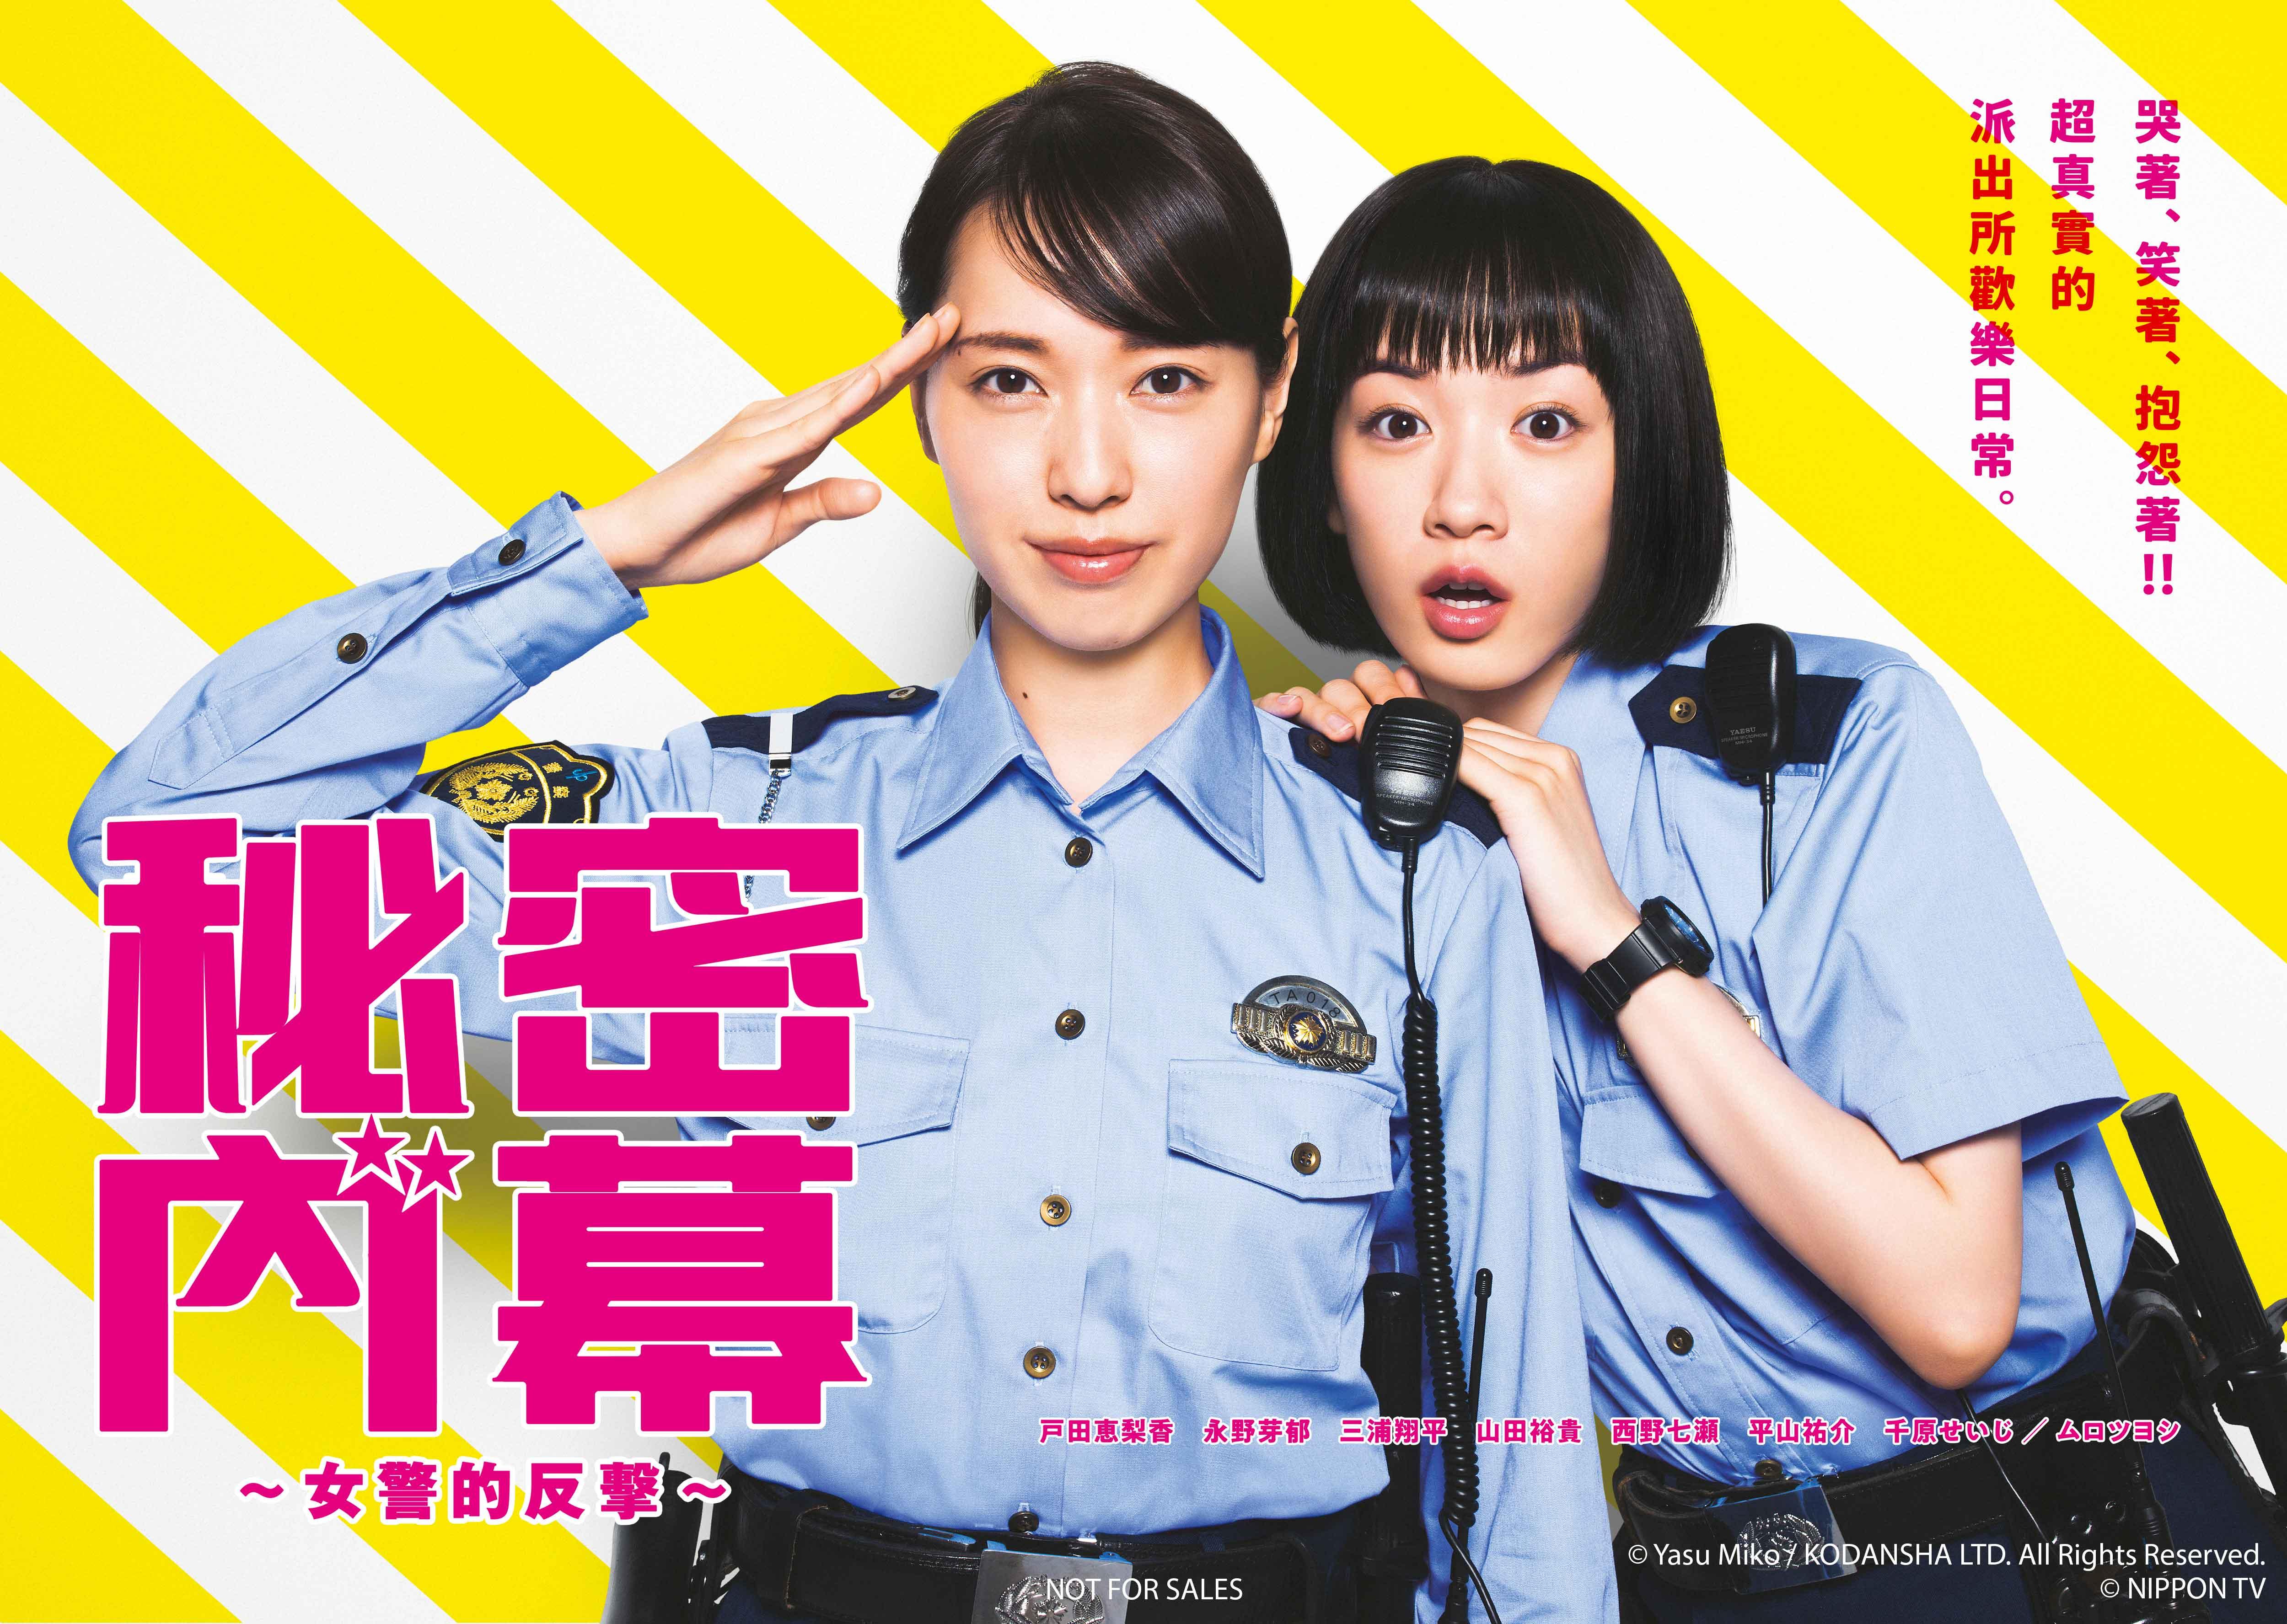 2021日劇《秘密內幕-女警的反擊-》初回評價|5大看點一次網羅:真實又有趣的警員日常